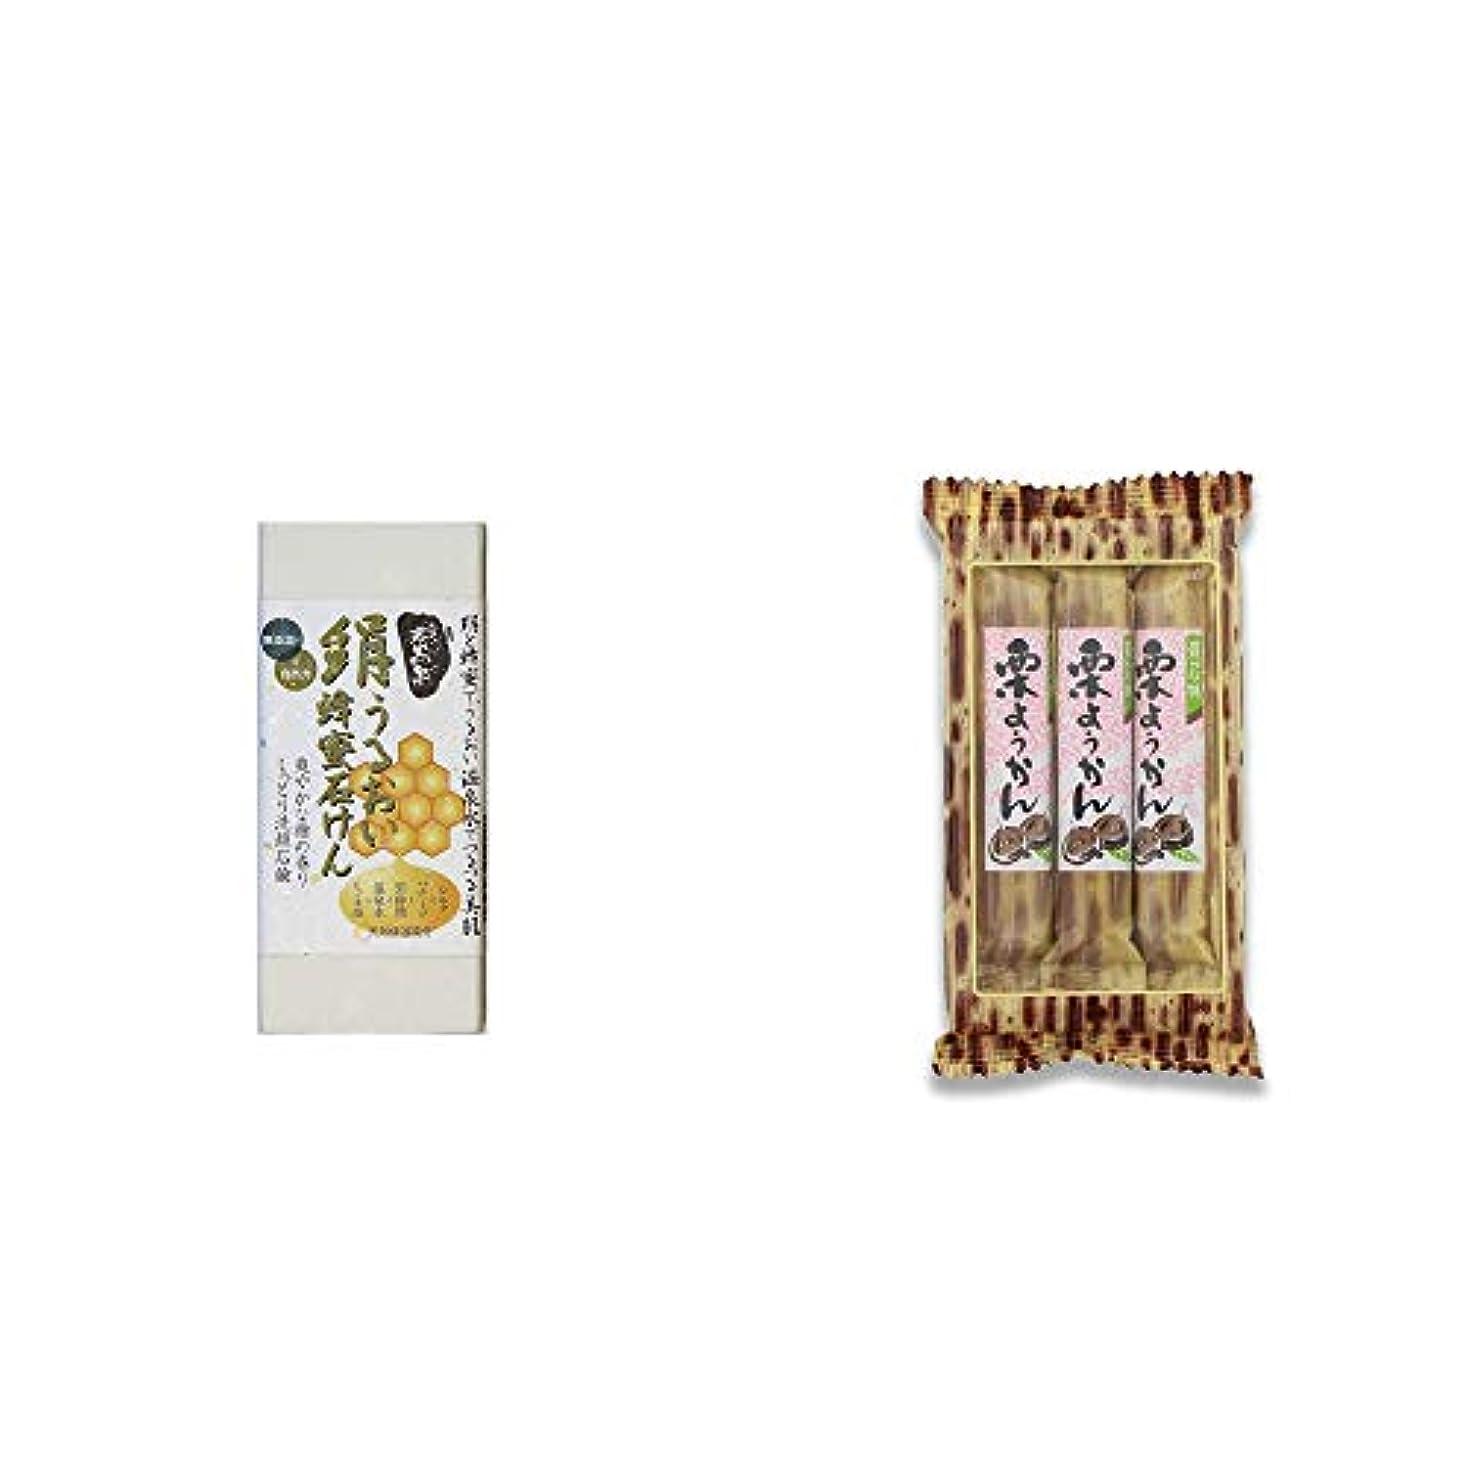 耐えるタクシーラリーベルモント[2点セット] ひのき炭黒泉 絹うるおい蜂蜜石けん(75g×2)?スティックようかん[栗](50g×3本)